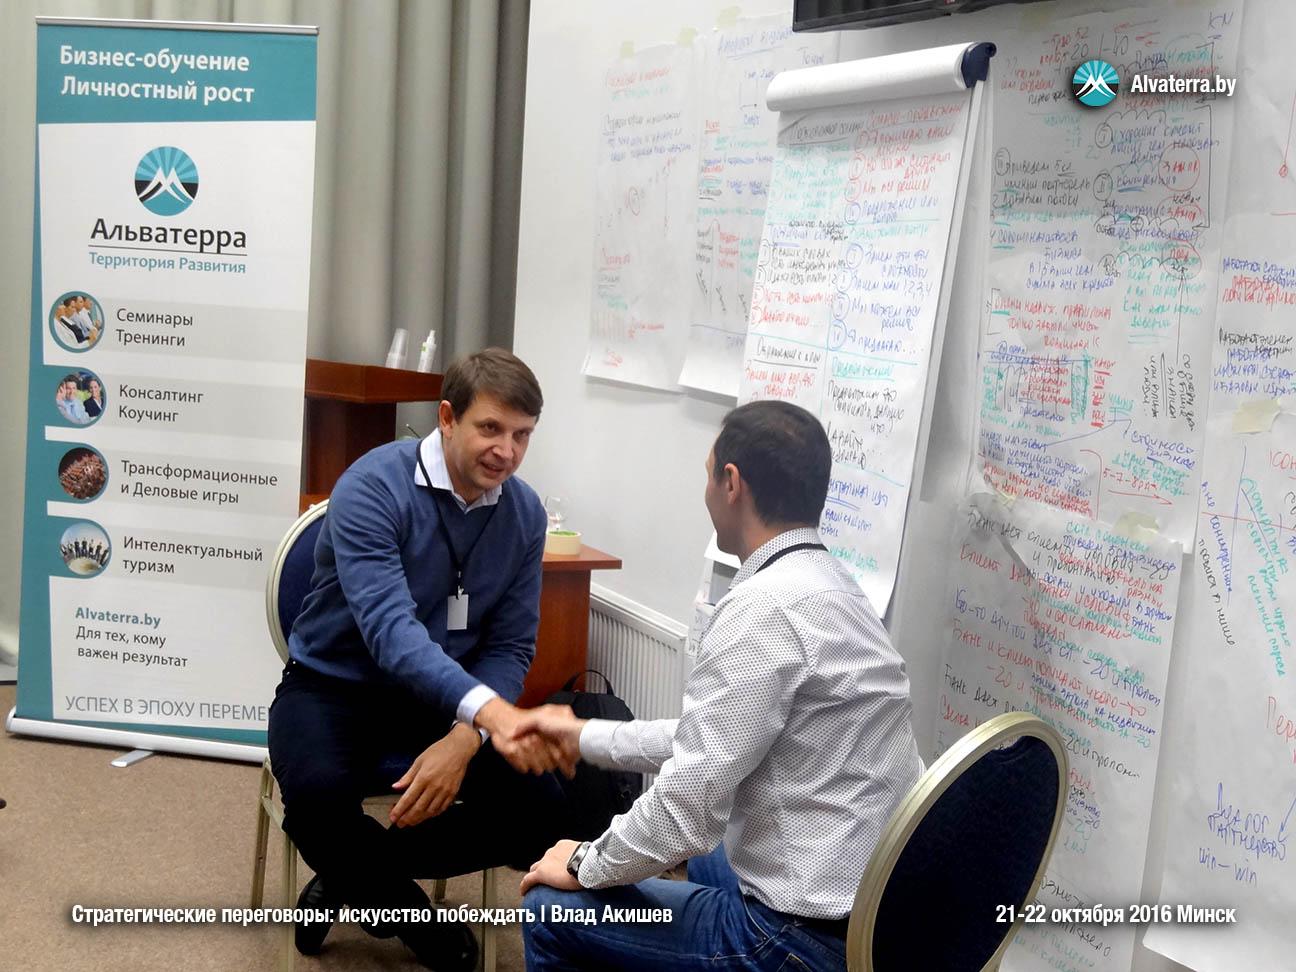 переговорный практикум в Минске